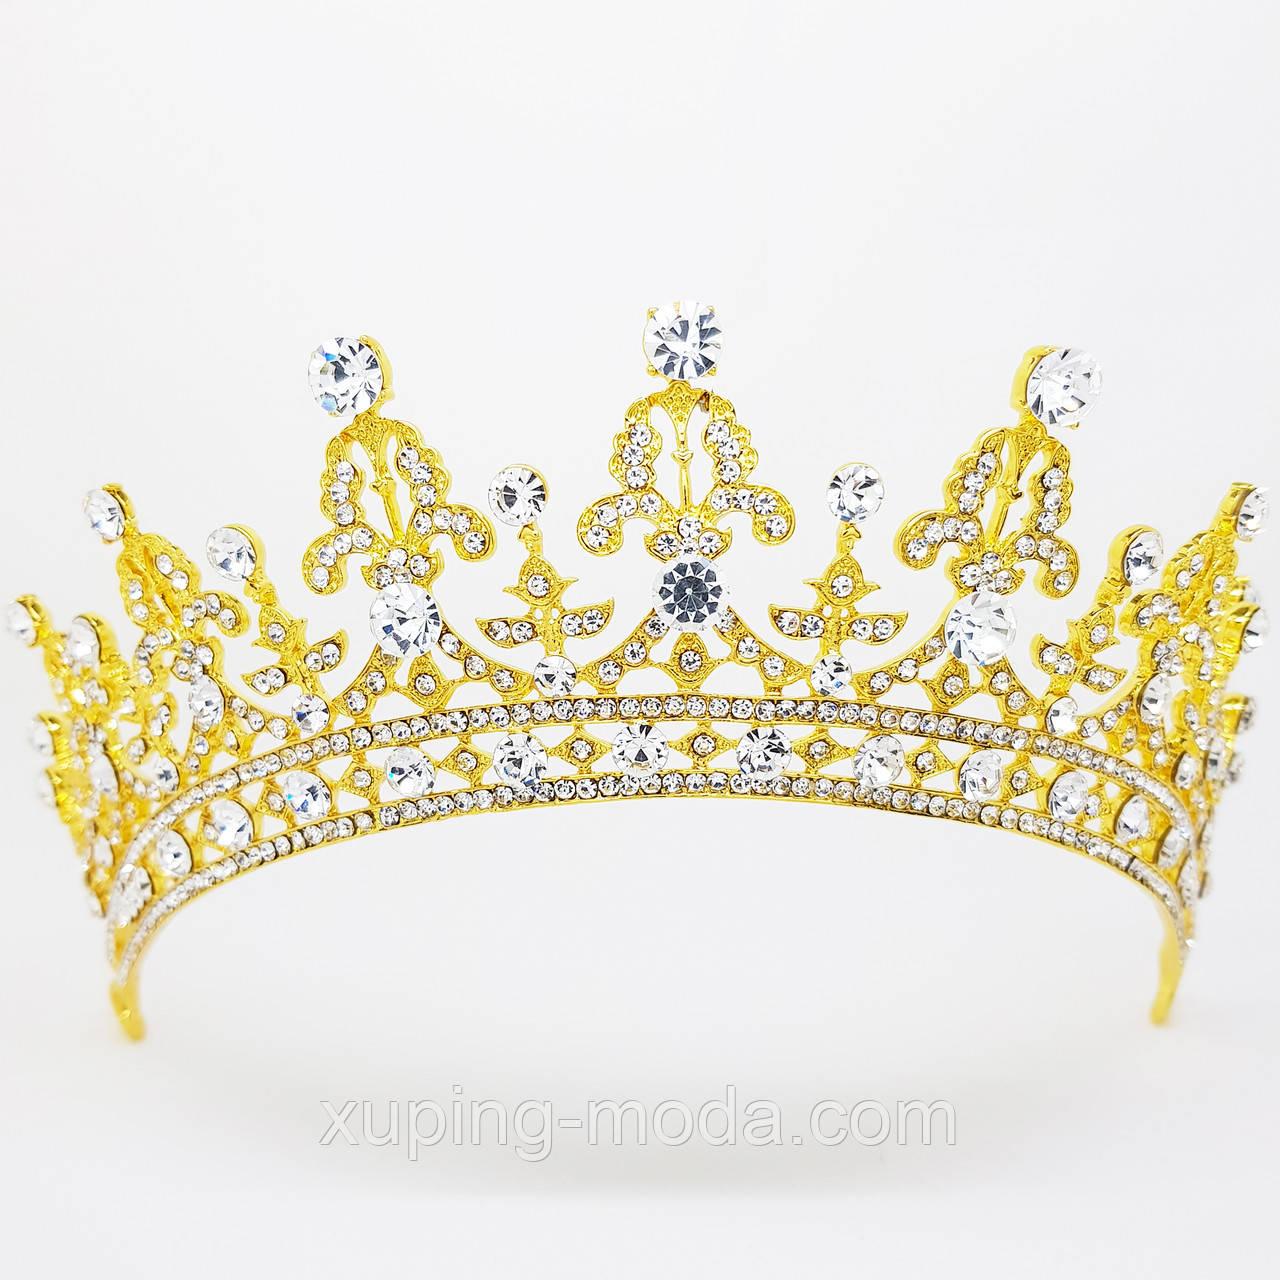 Шикарная диадема, корона. Усыпанная стразами, вечерня бижутерия